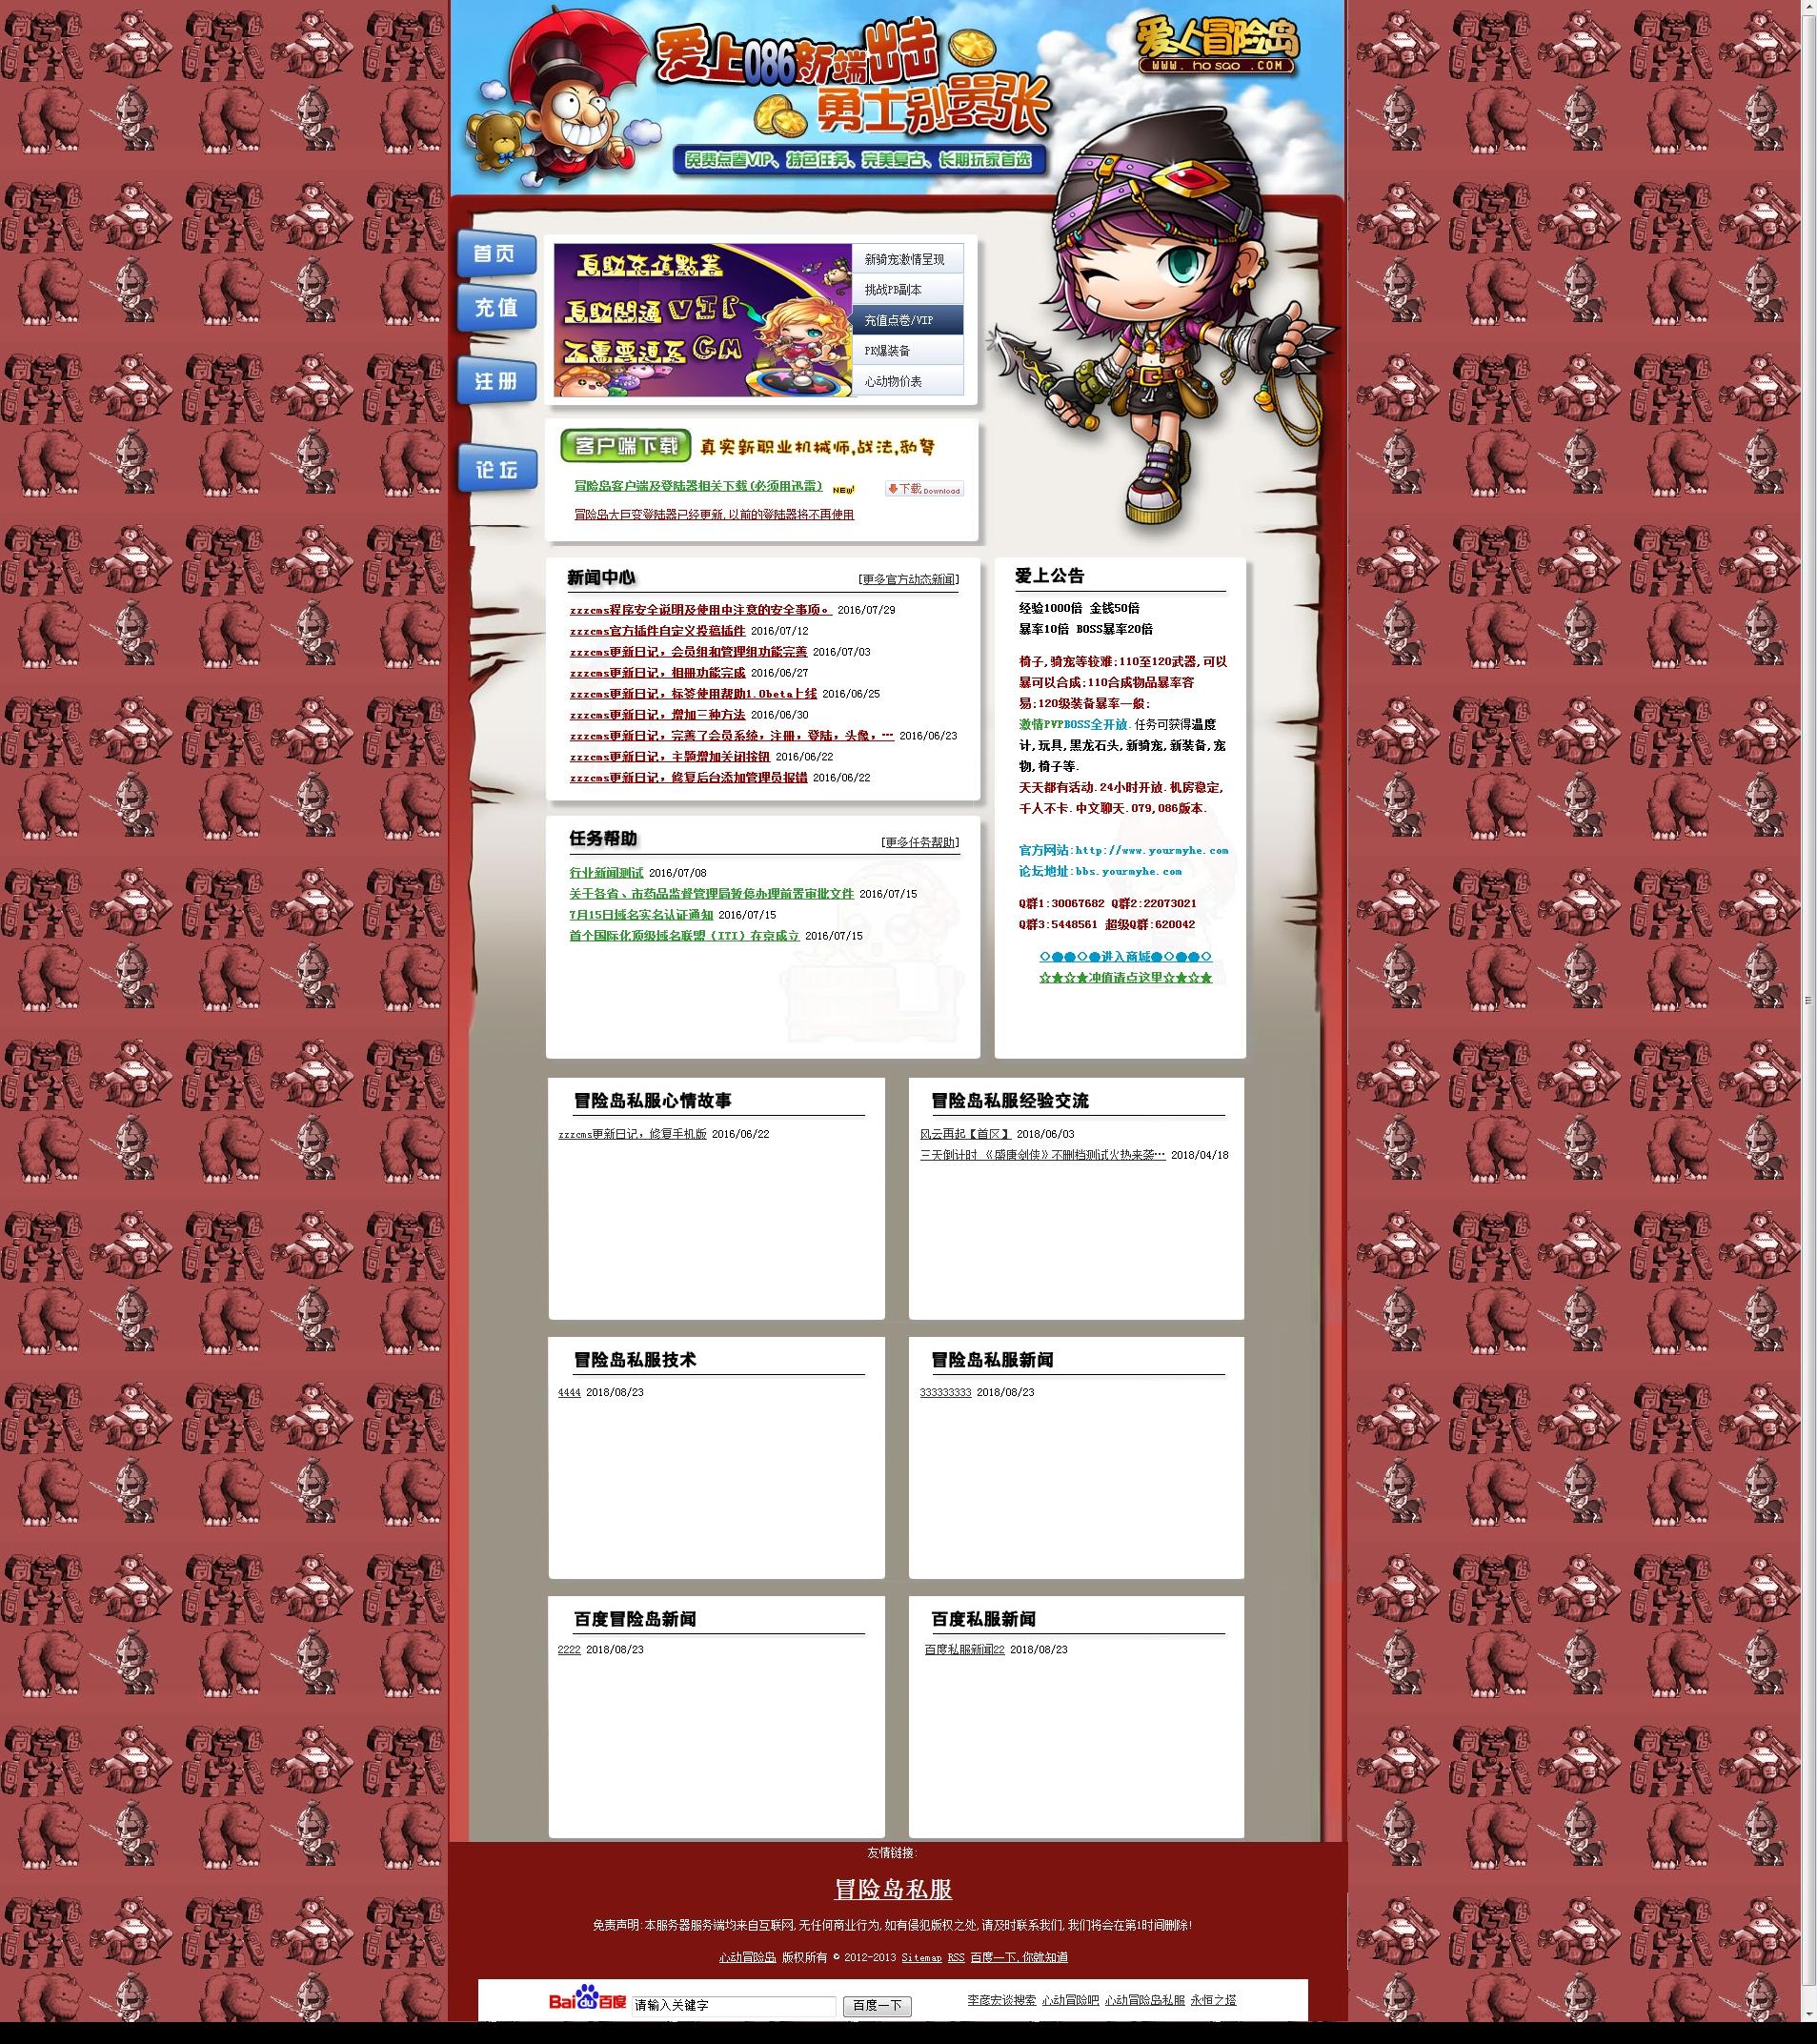 爱上冒险岛官方网站 ASP游戏网站源码网站 冒险岛网站源码